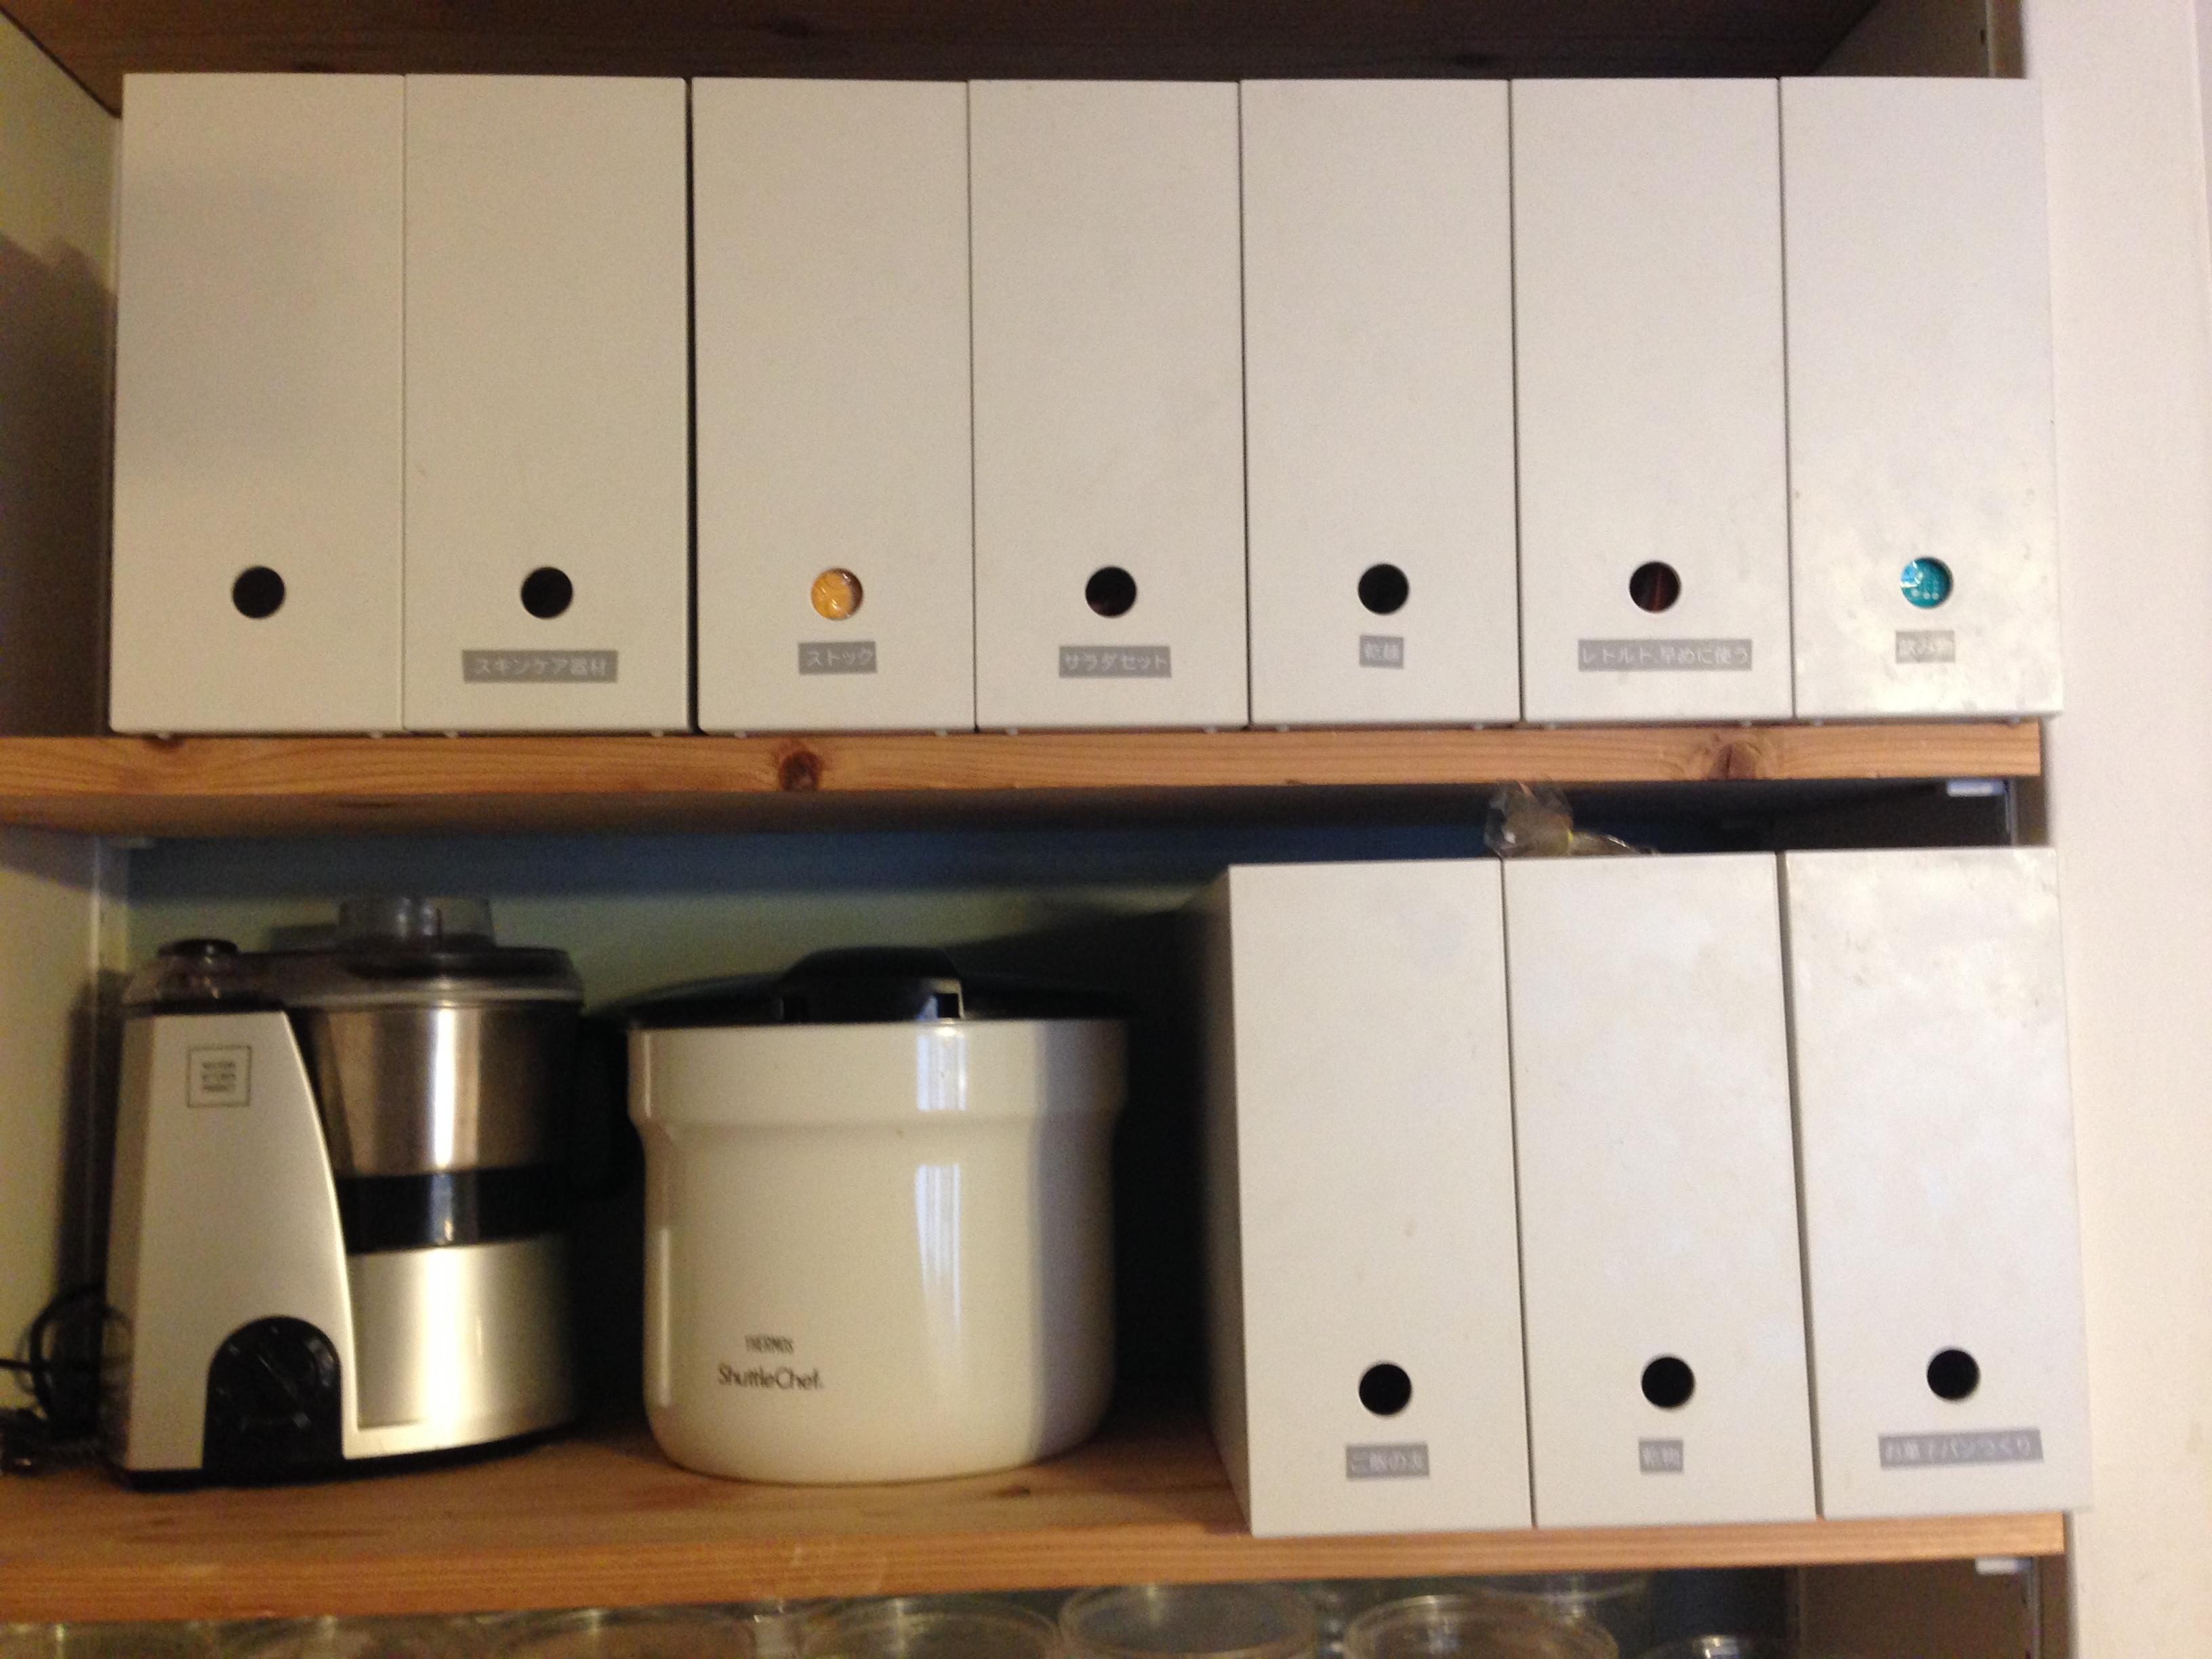 冷蔵庫に入れない食品の収納方法は無印のA4ファイルBOXを使ってカテゴリわけ!中身はざっくり収納で片付け美人♪